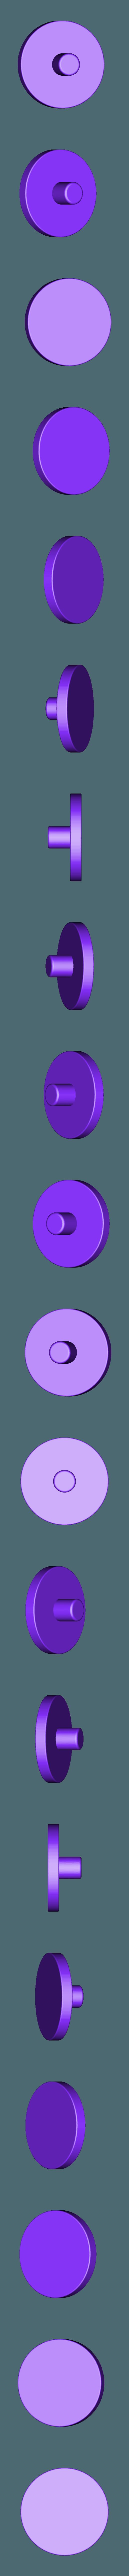 cute little round.stl Télécharger fichier STL gratuit kid puzzle  • Modèle imprimable en 3D, abyss_57